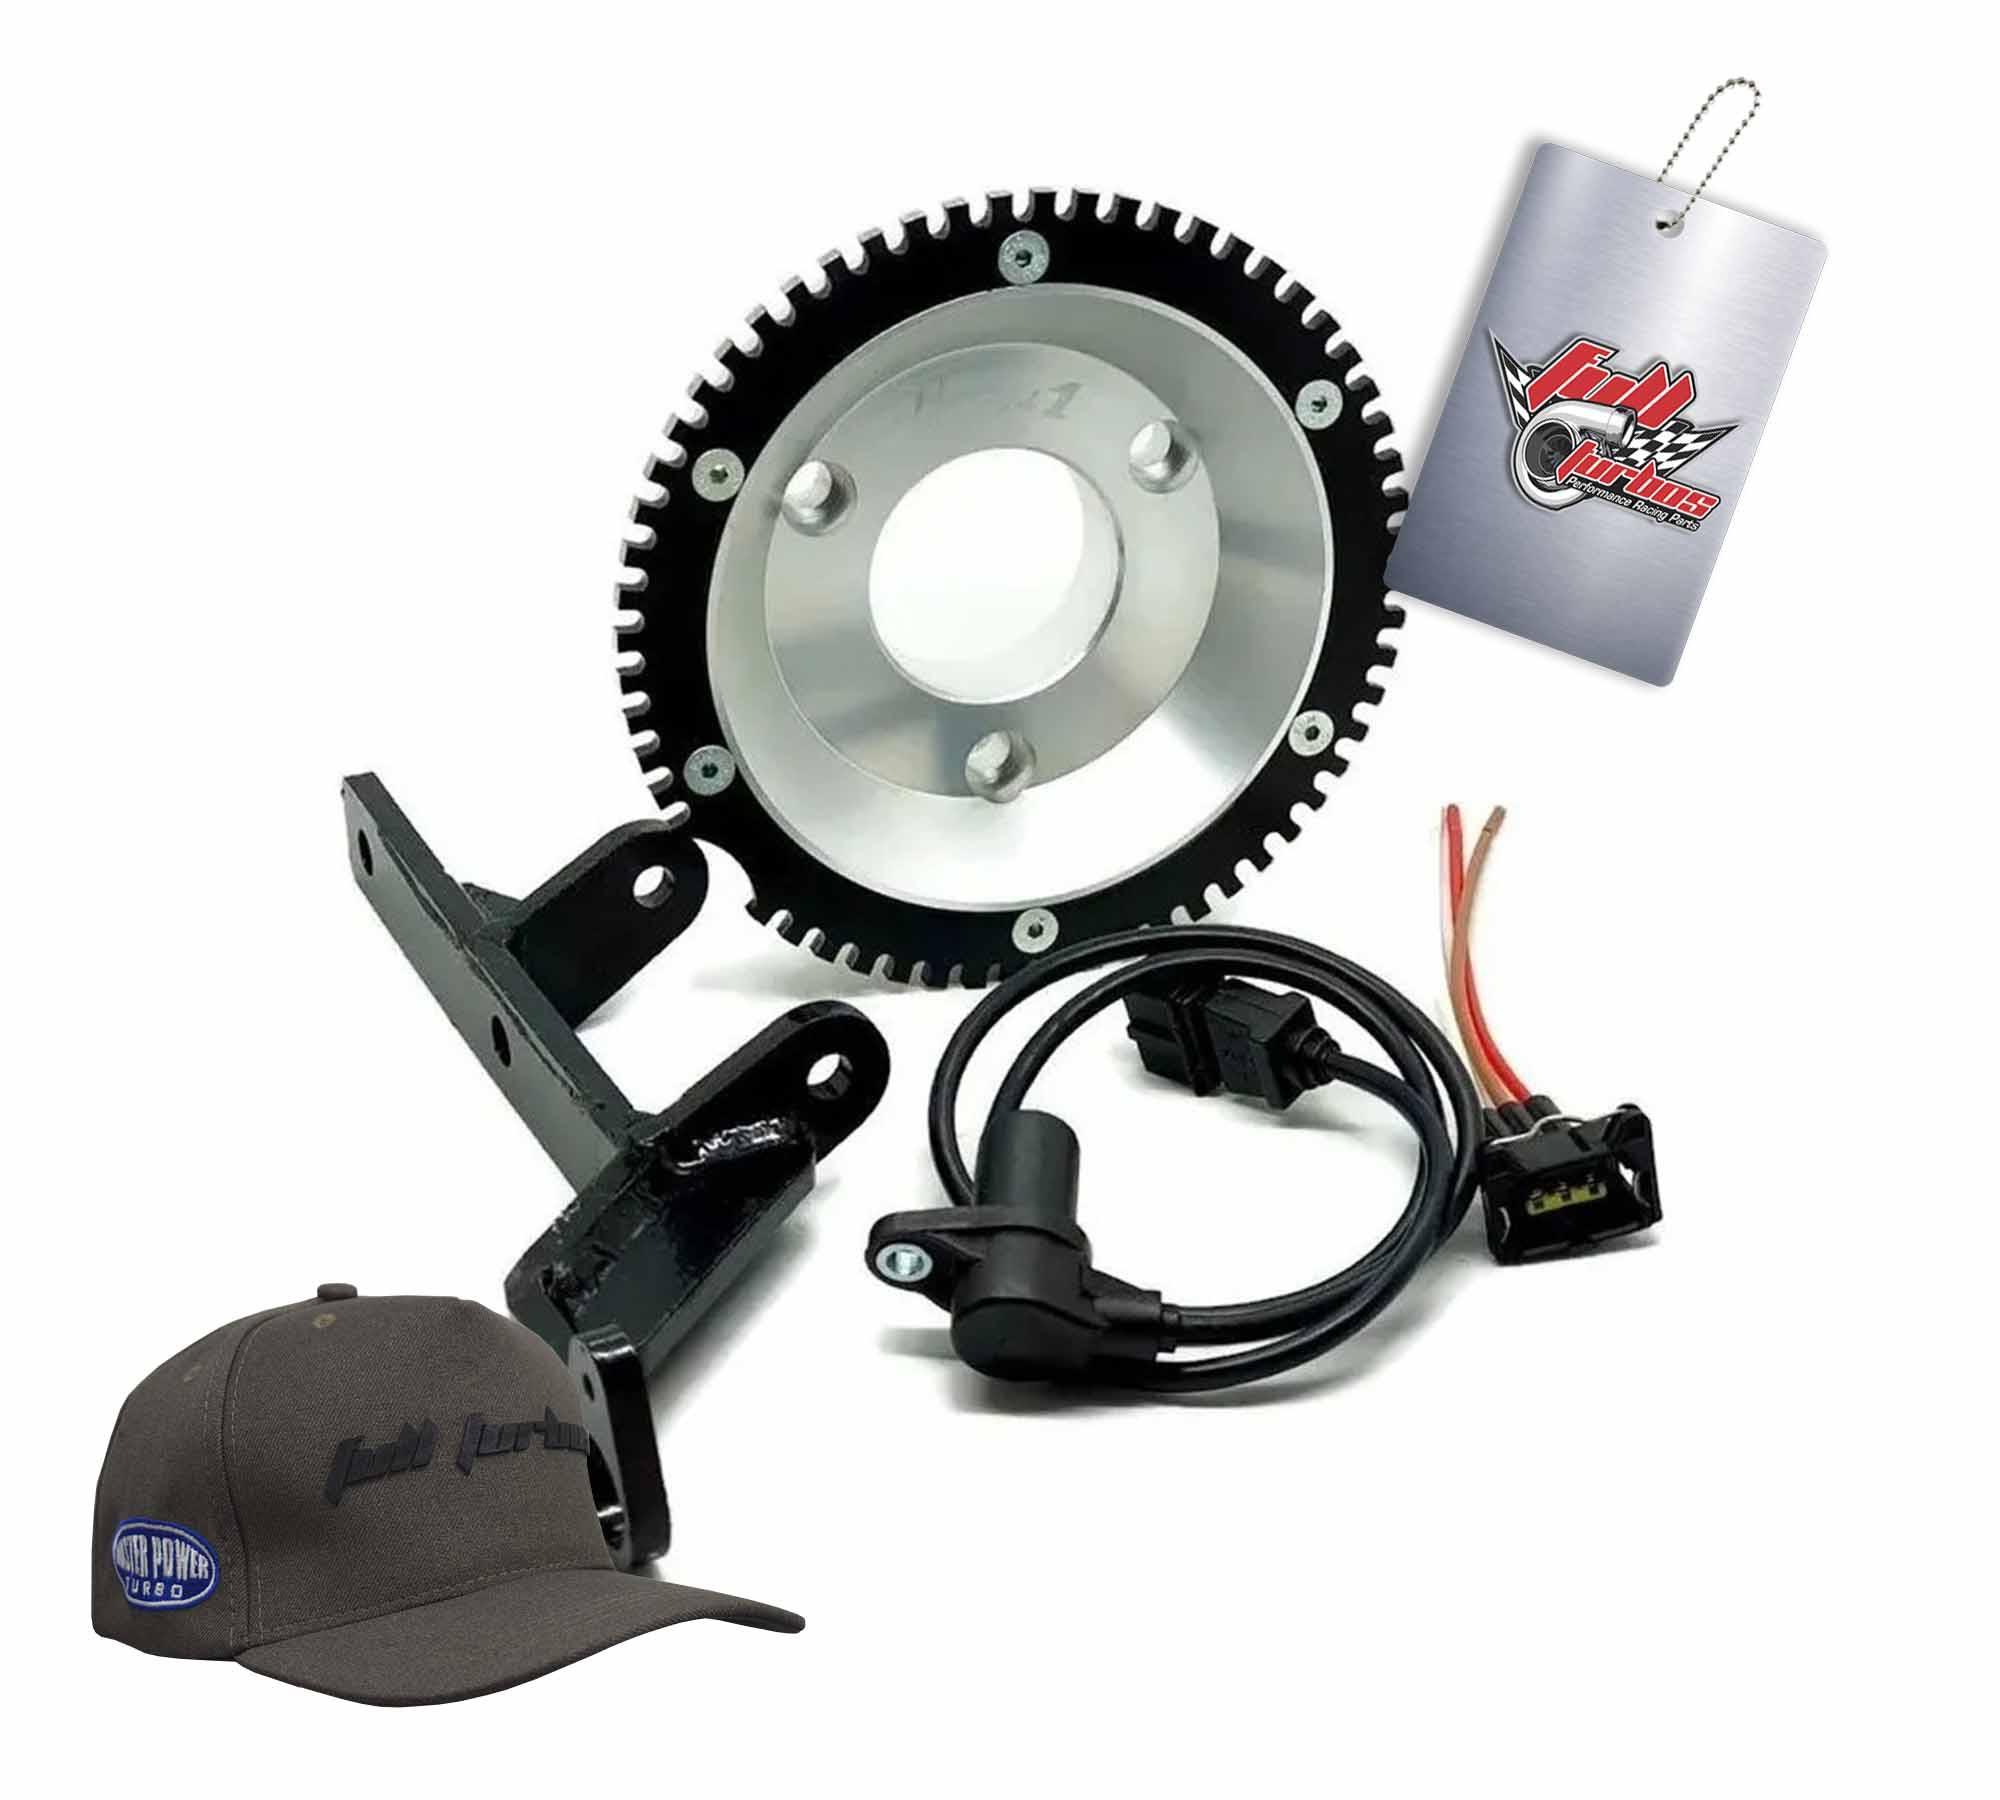 Kit Roda Fônica Opala 4/6cc Inique + Suporte + sensor + conector